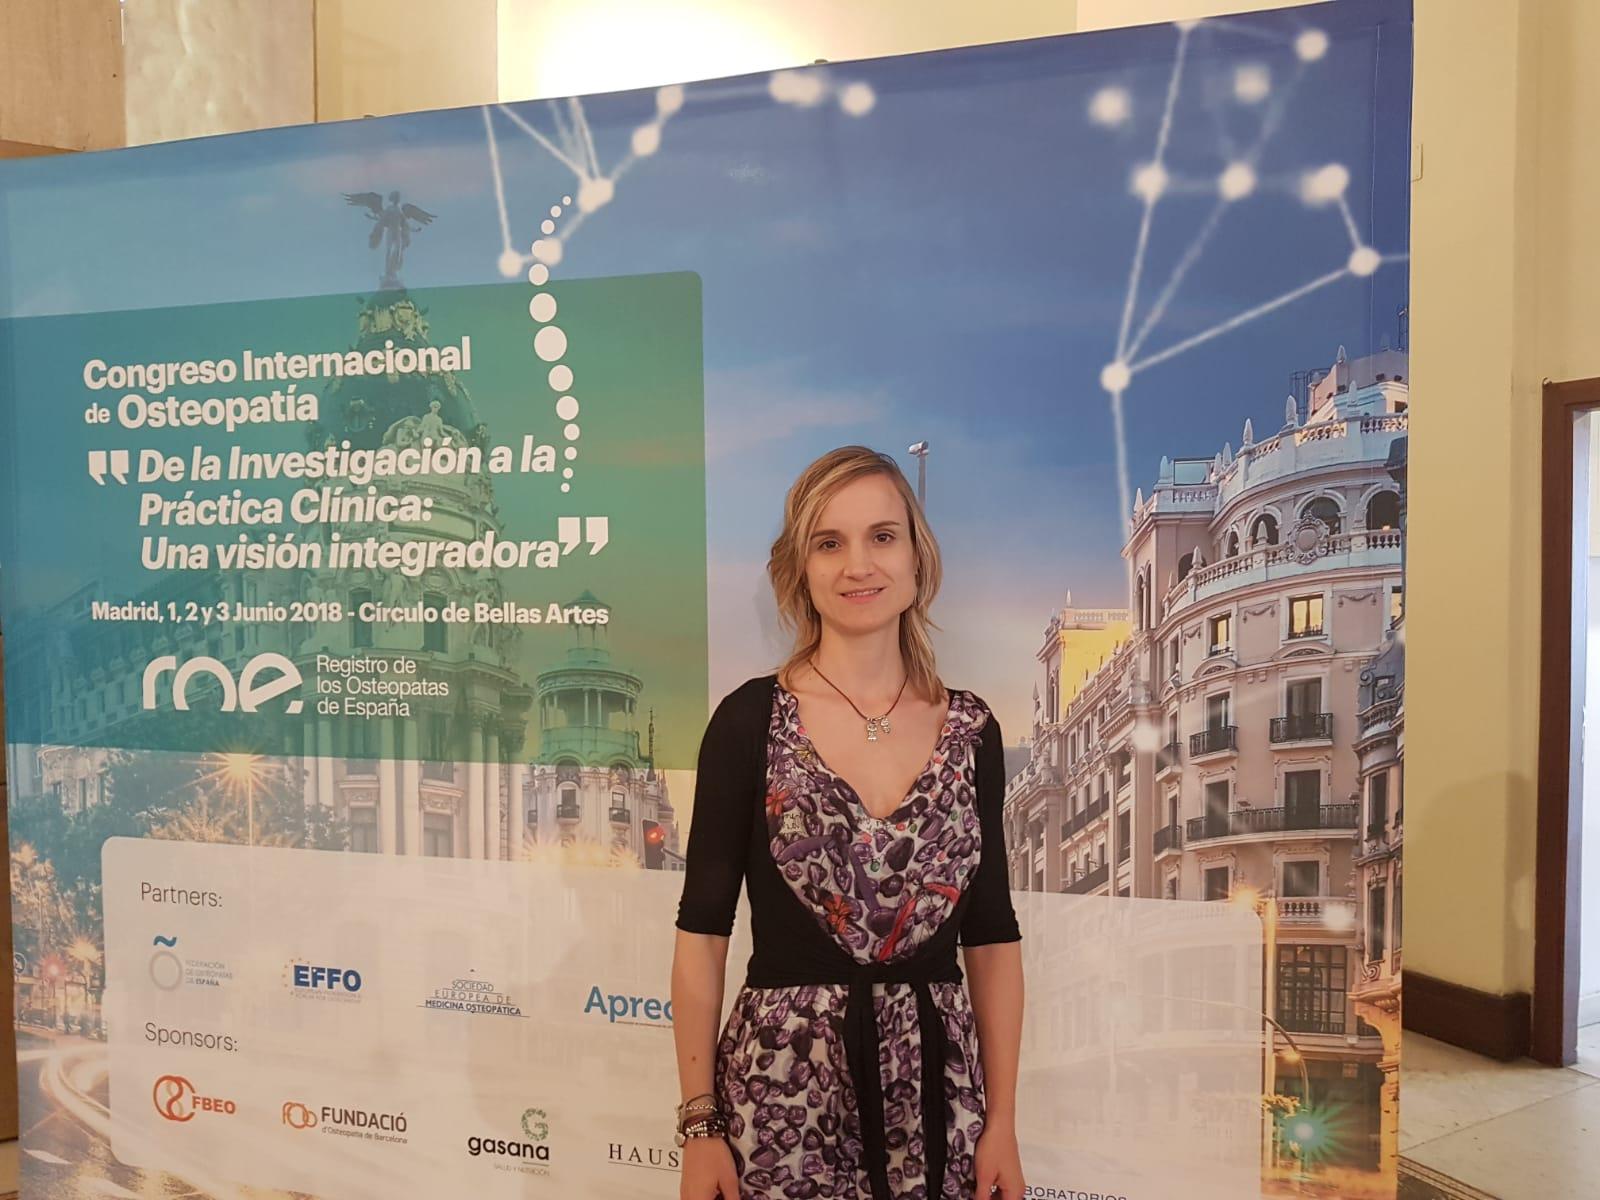 La profesora del Departamento de Fisioterapia de la CEU UCH, Mireia Martí, ha presentado este fin de semana los resultados del equipo investigador en el Congreso Internacional de Osteopatía 2018.